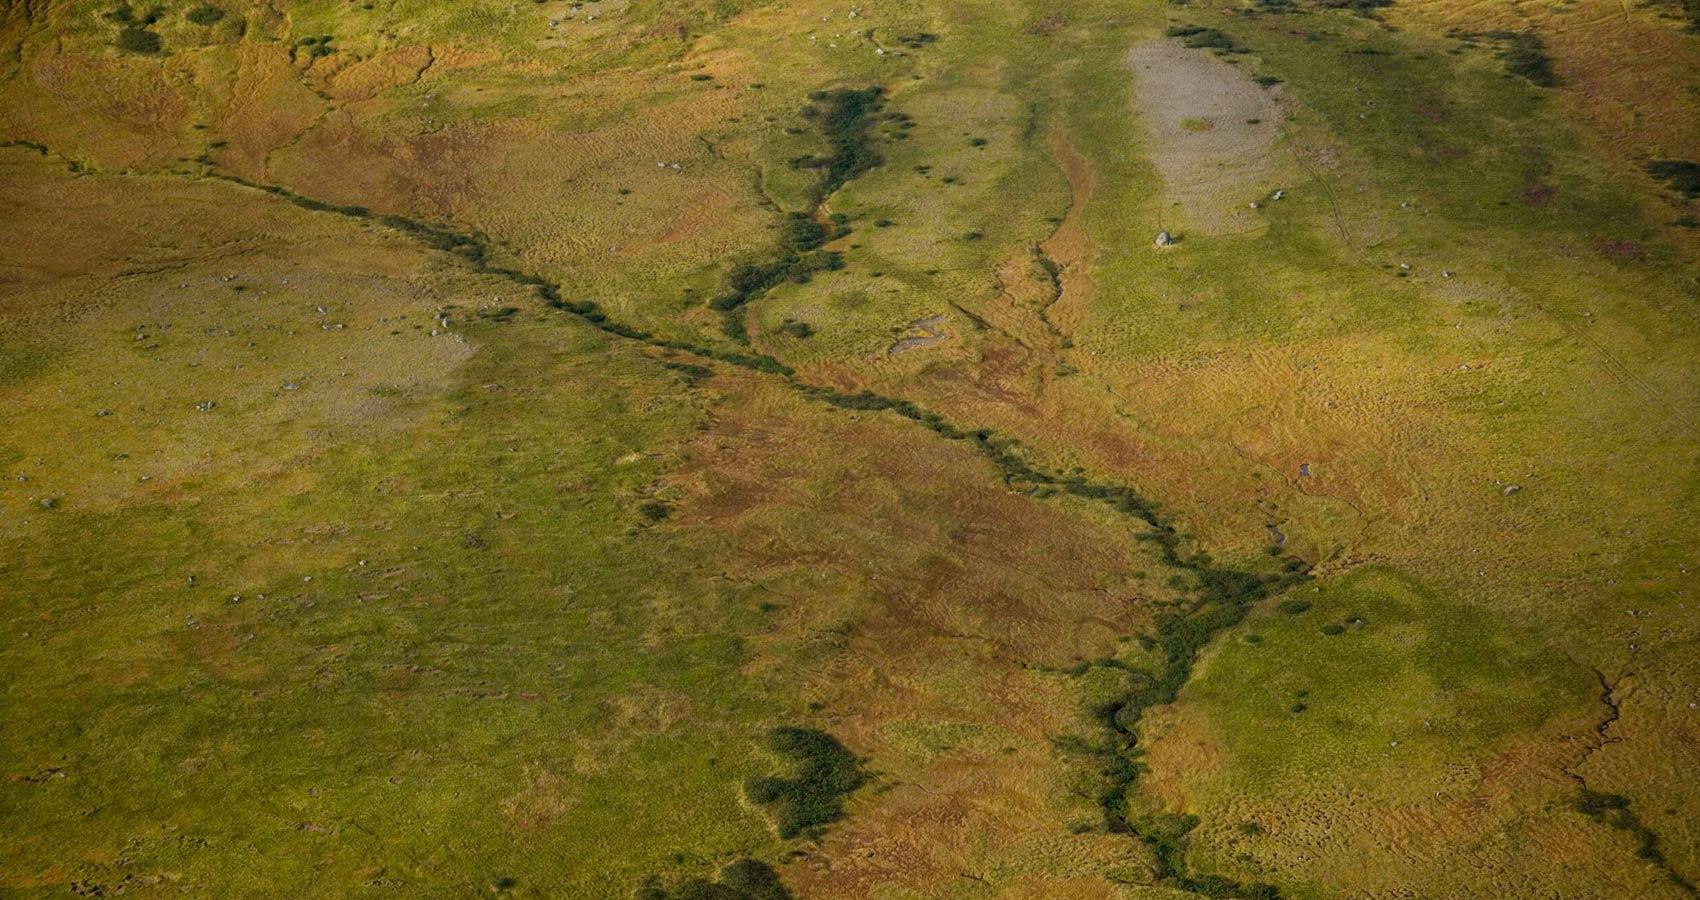 Flat Earth, a poem by Kenneth Vincent Walker at Spillwords.com